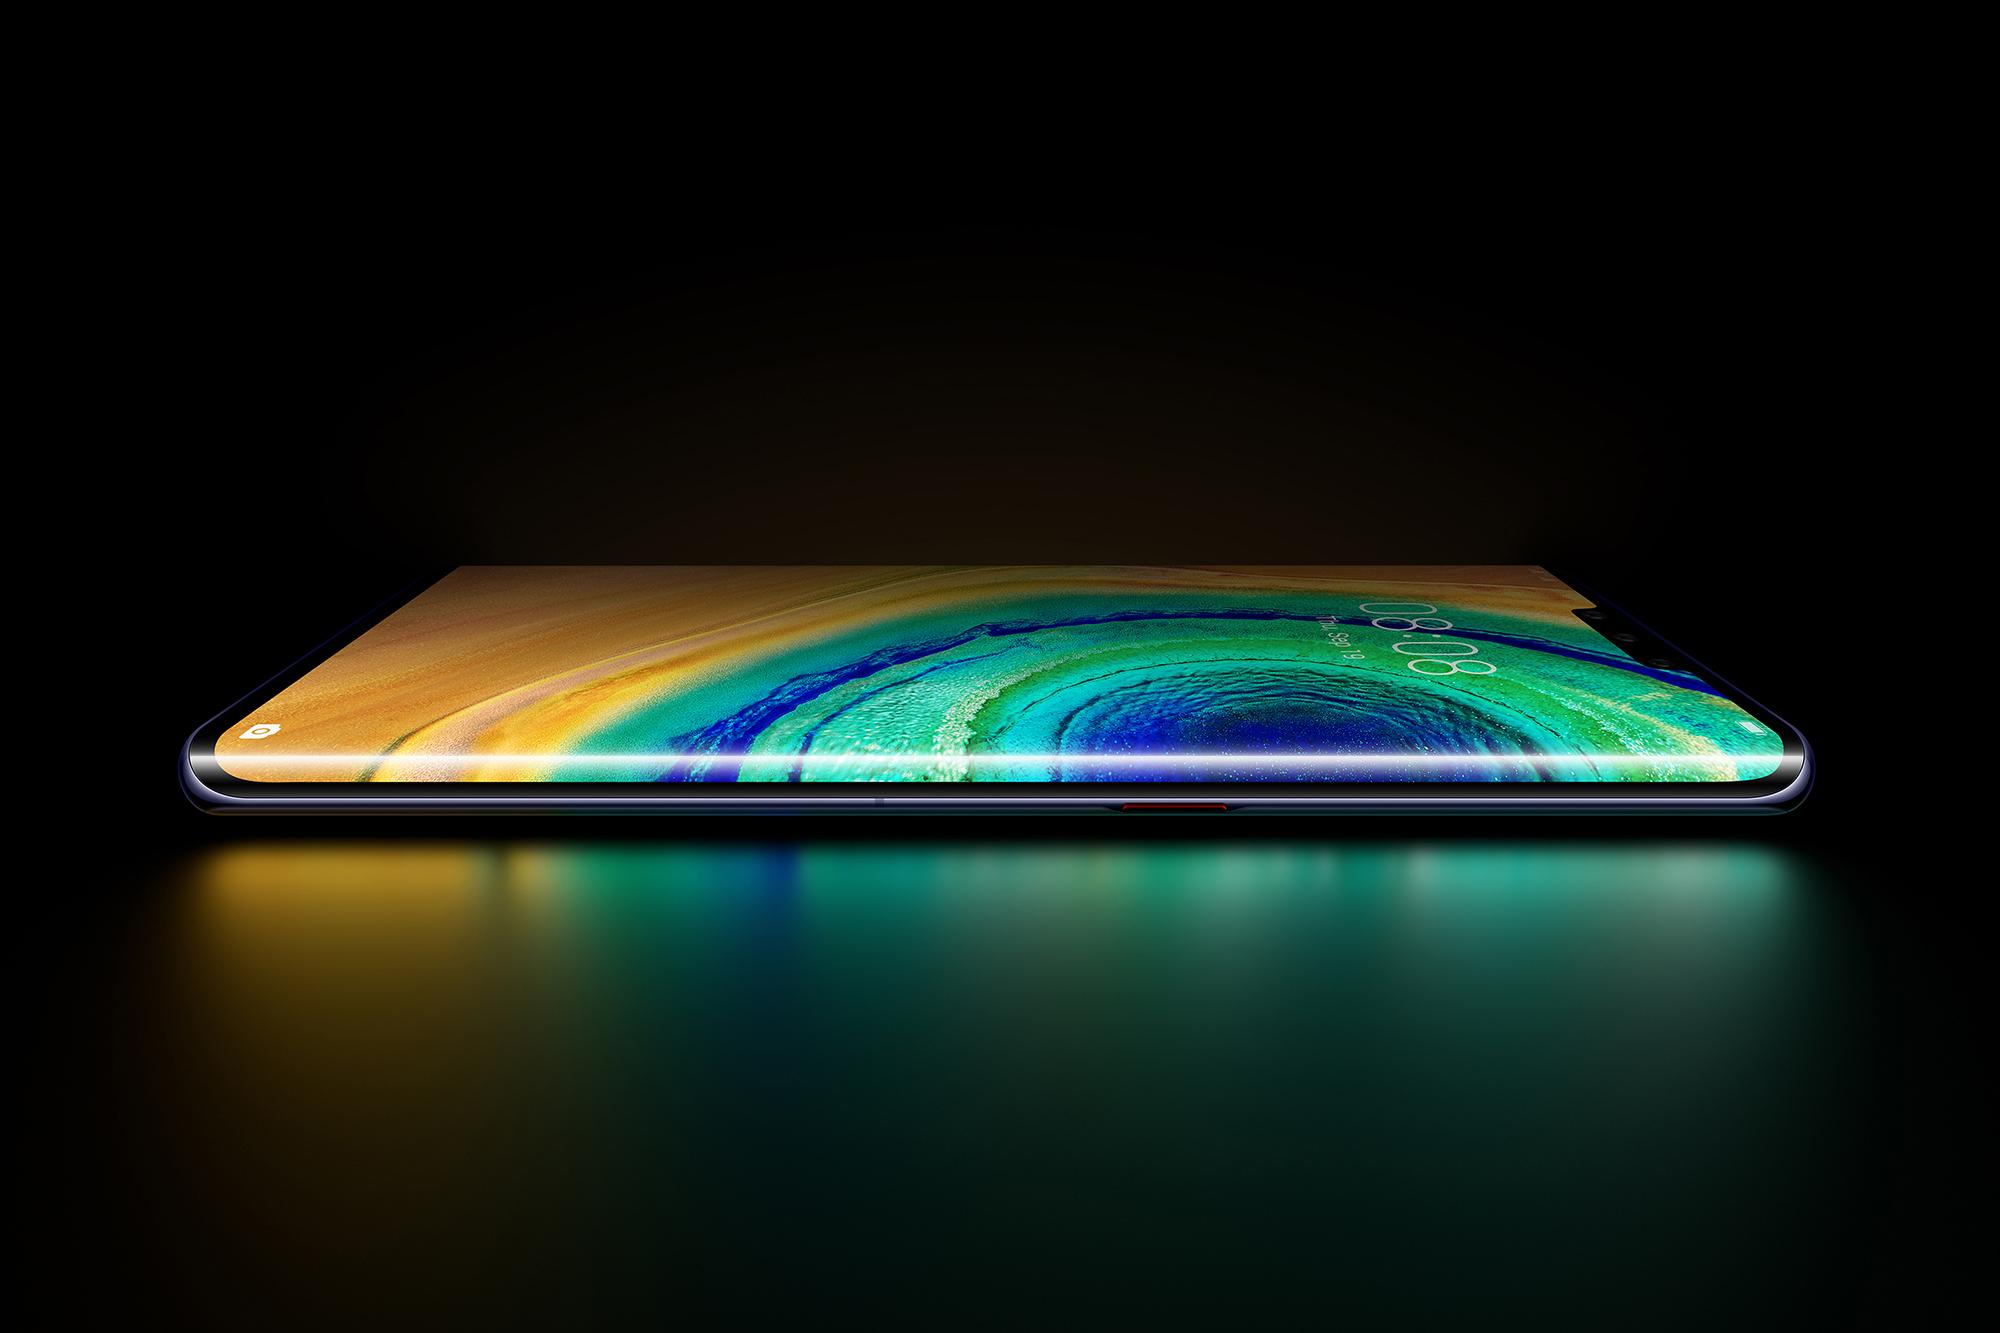 Huawei sẽ không để bootloader mở trên Mate 30